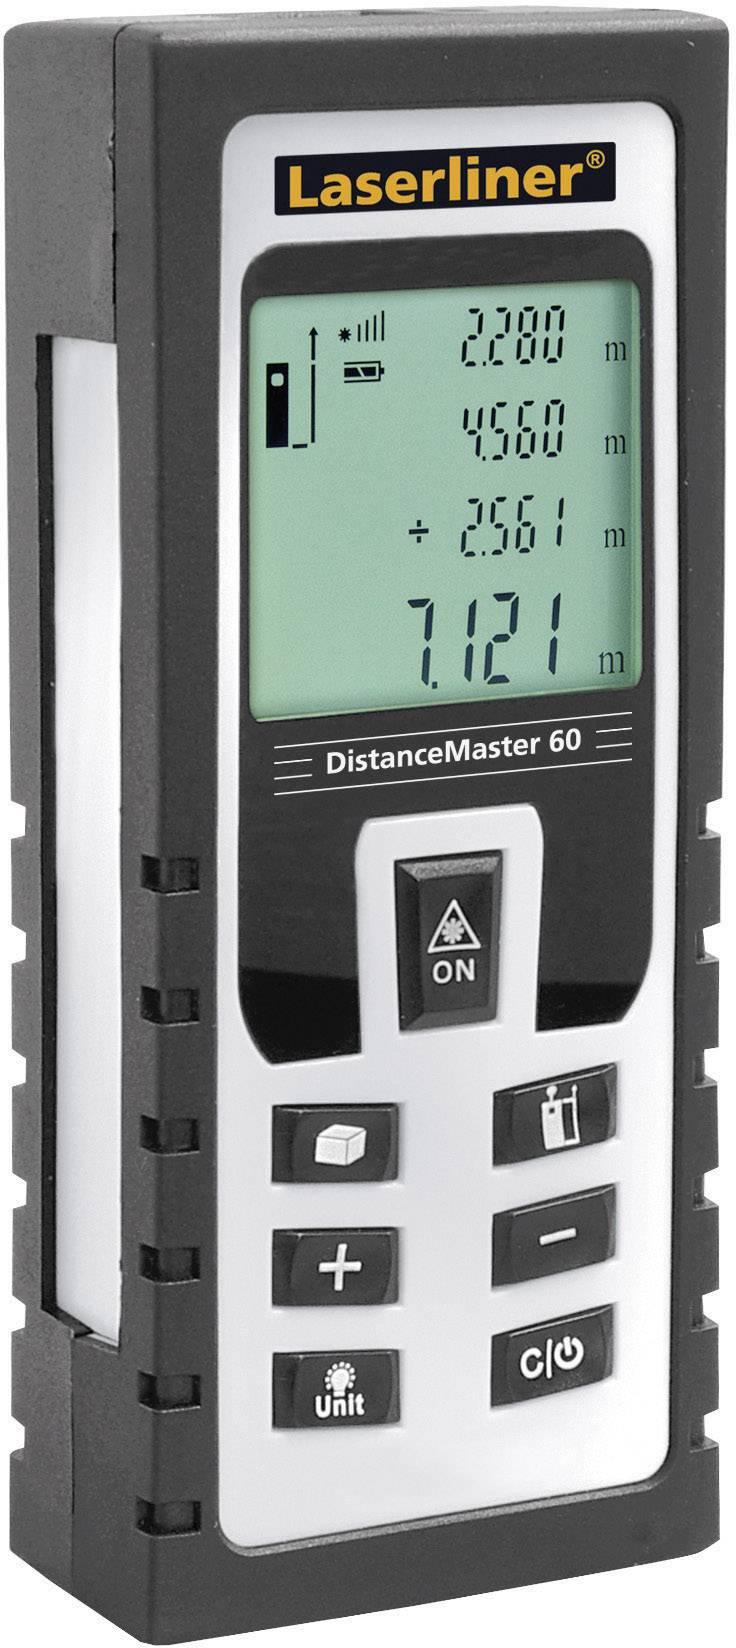 Laserový měřič vzdálenosti Laserliner DistanceMaster 60 080.946A, rozsah měření (max.) 60 m